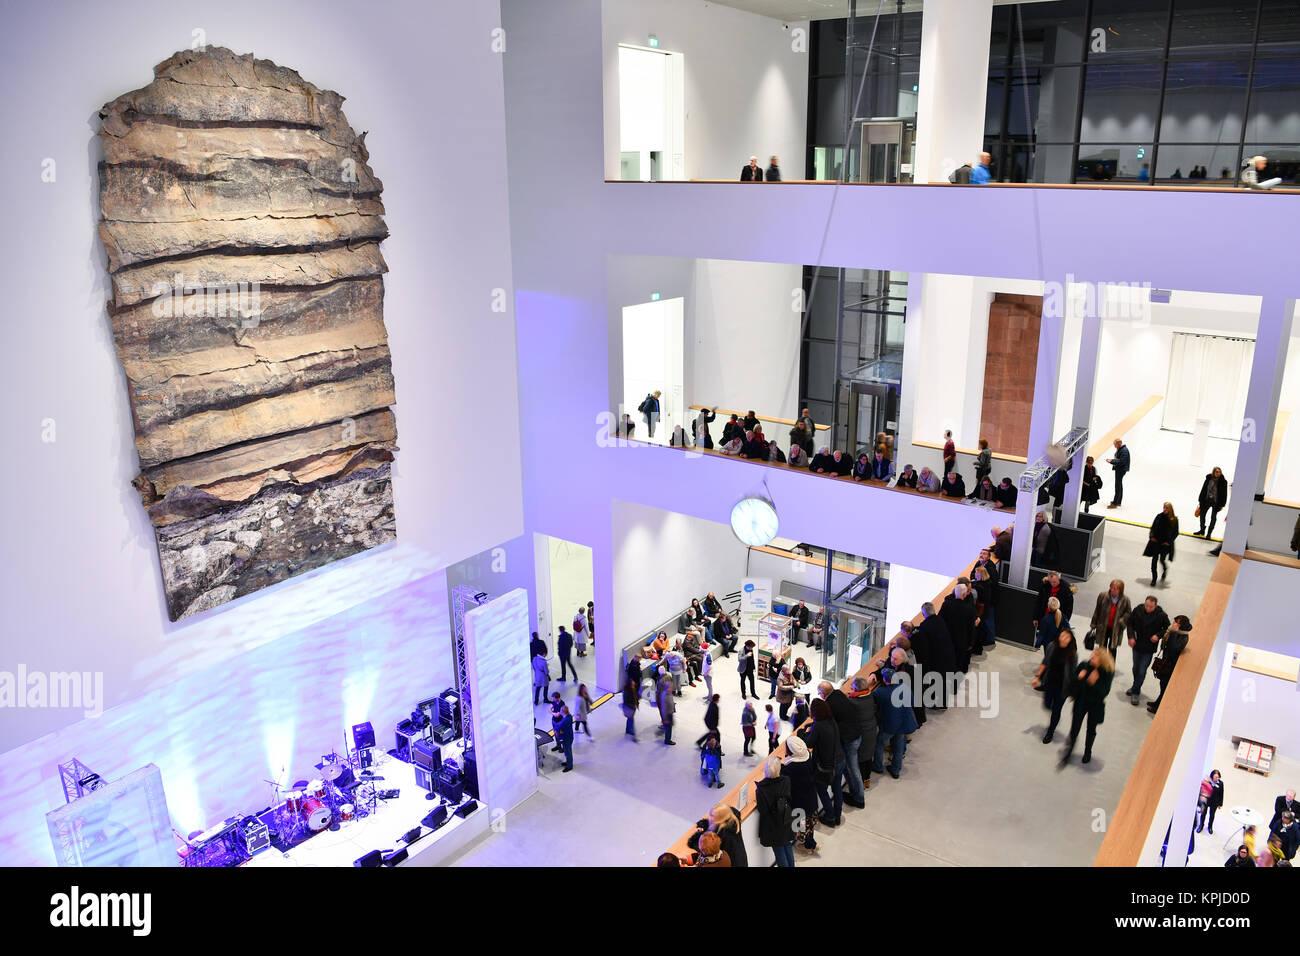 Mannheim, Germania. 15 Dic, 2017. Visitatori nell atrio della neo-costruito Kunsthalle guardando un lavoro di artista Immagini Stock